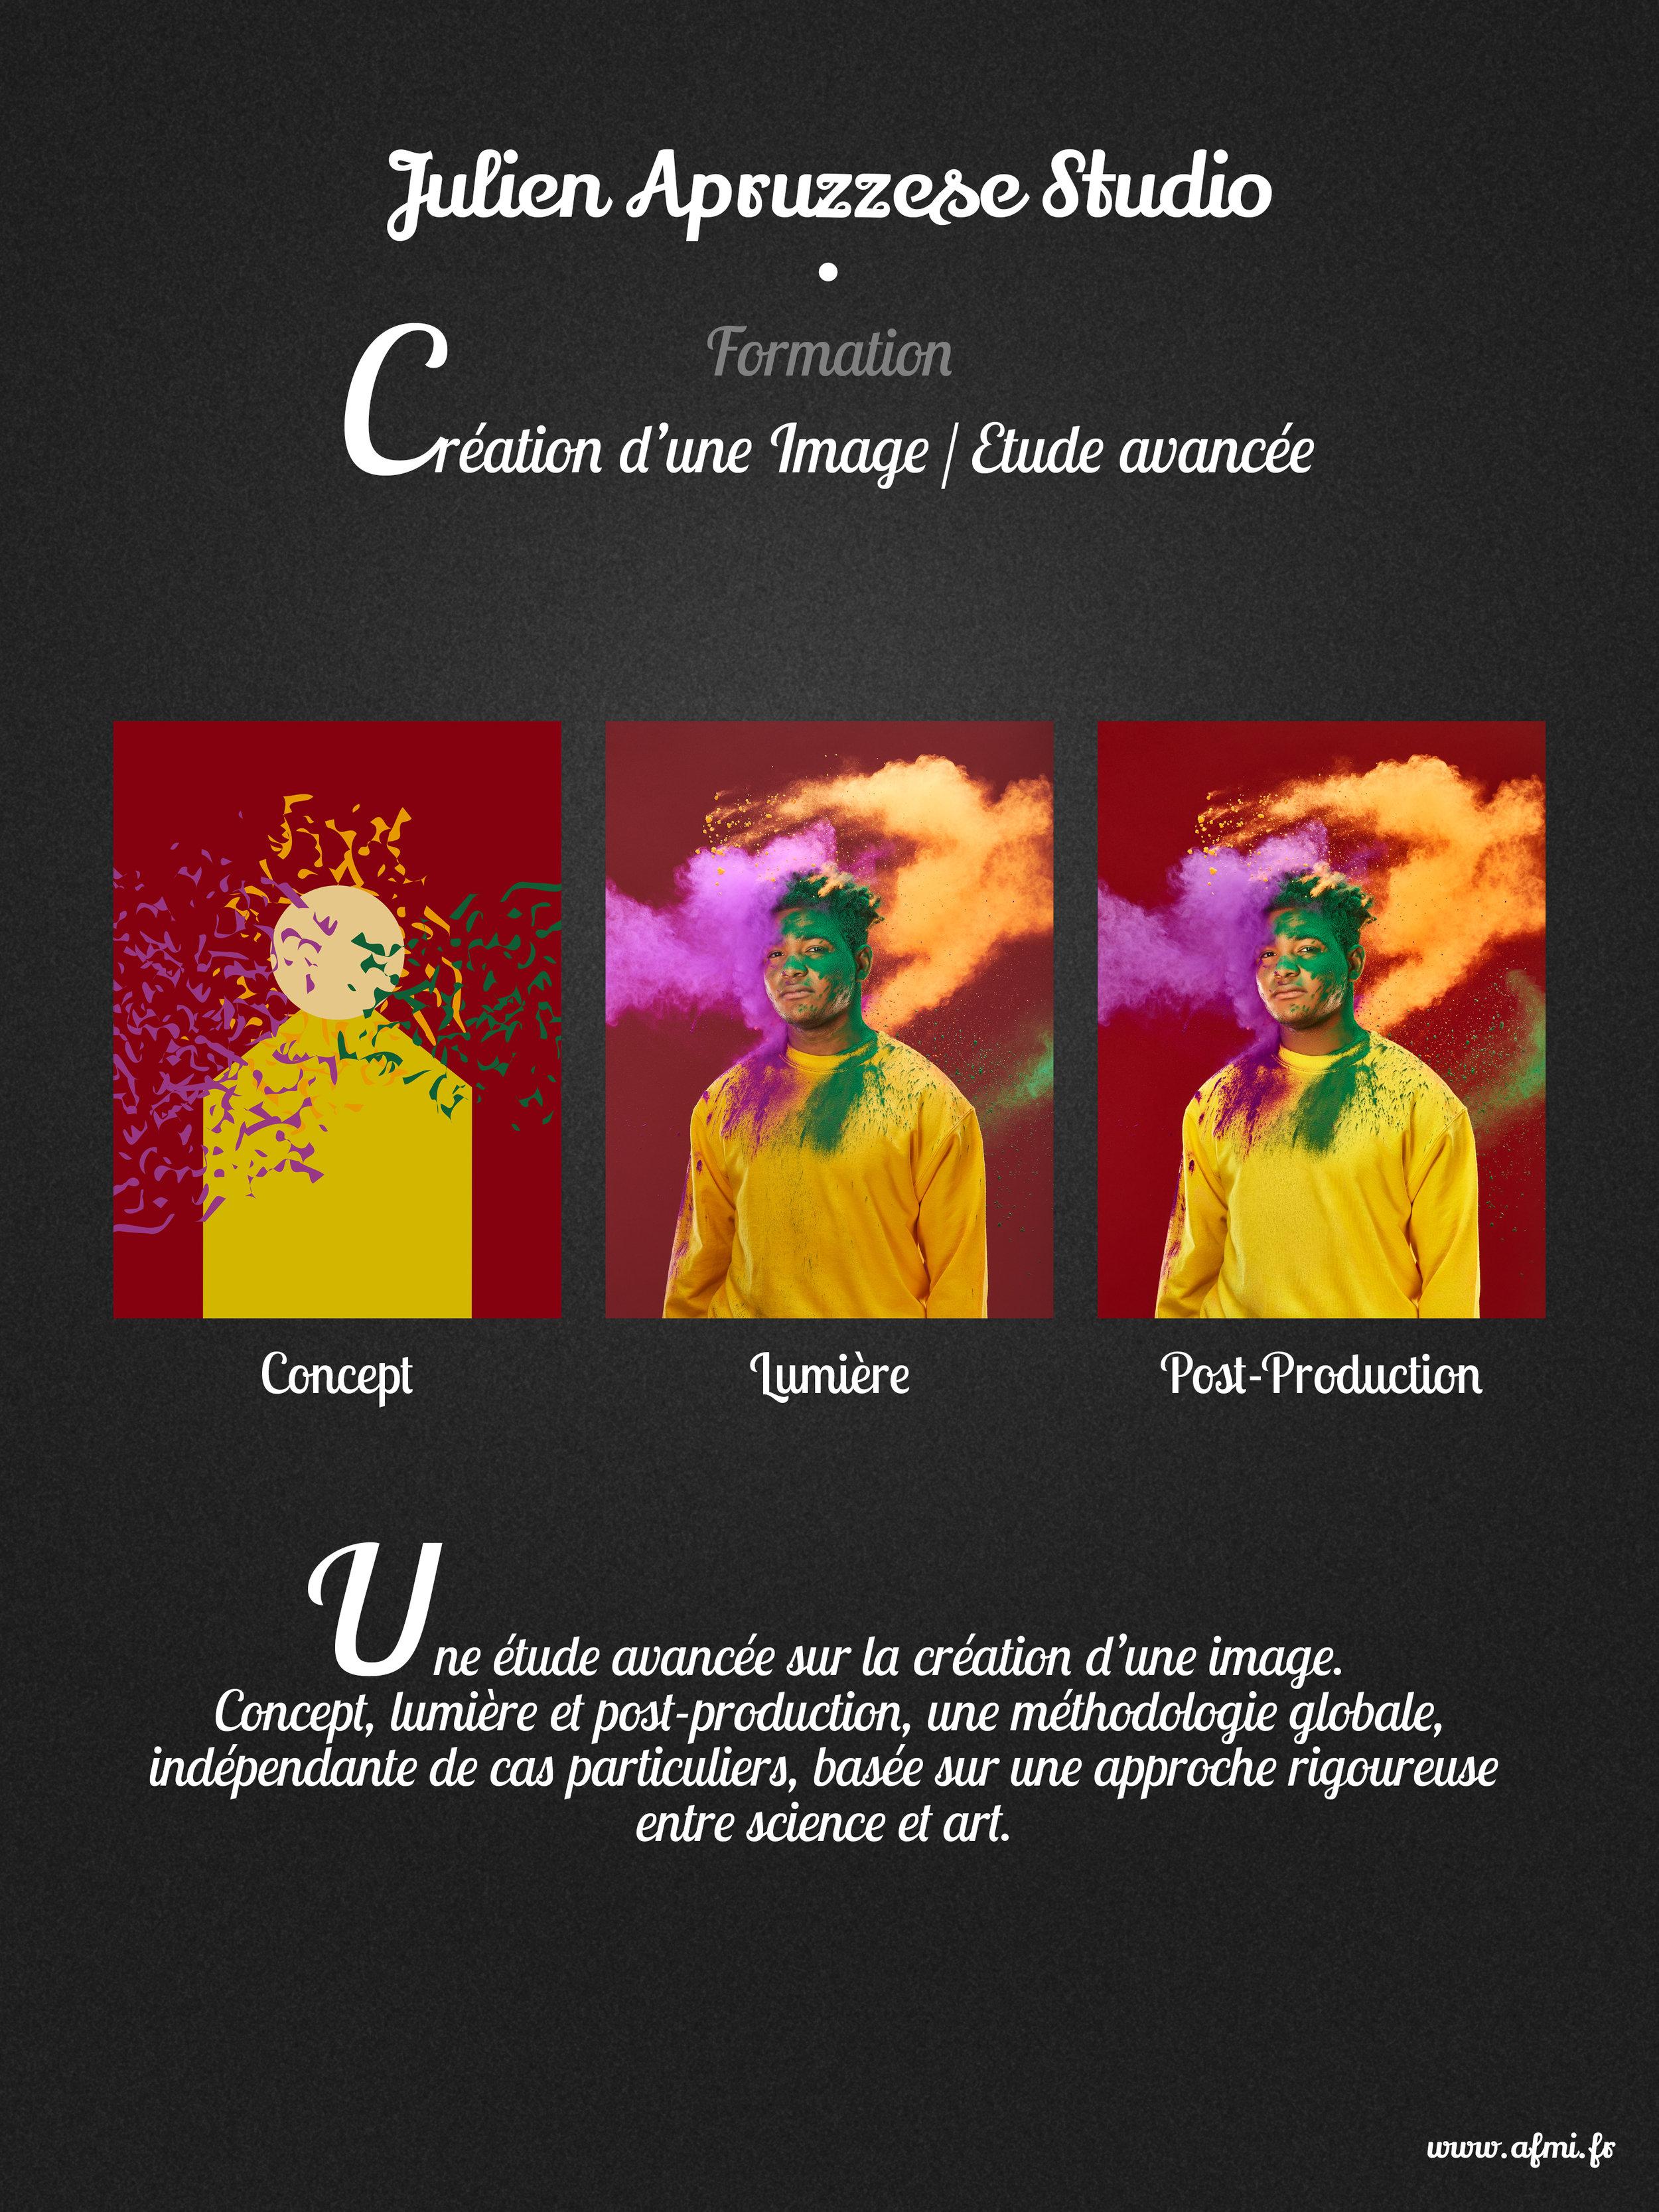 Création d'une Image / Etude Avancée - Du lundi 23 au mercredi 25 septembre 2019 à Montreuil 93100.